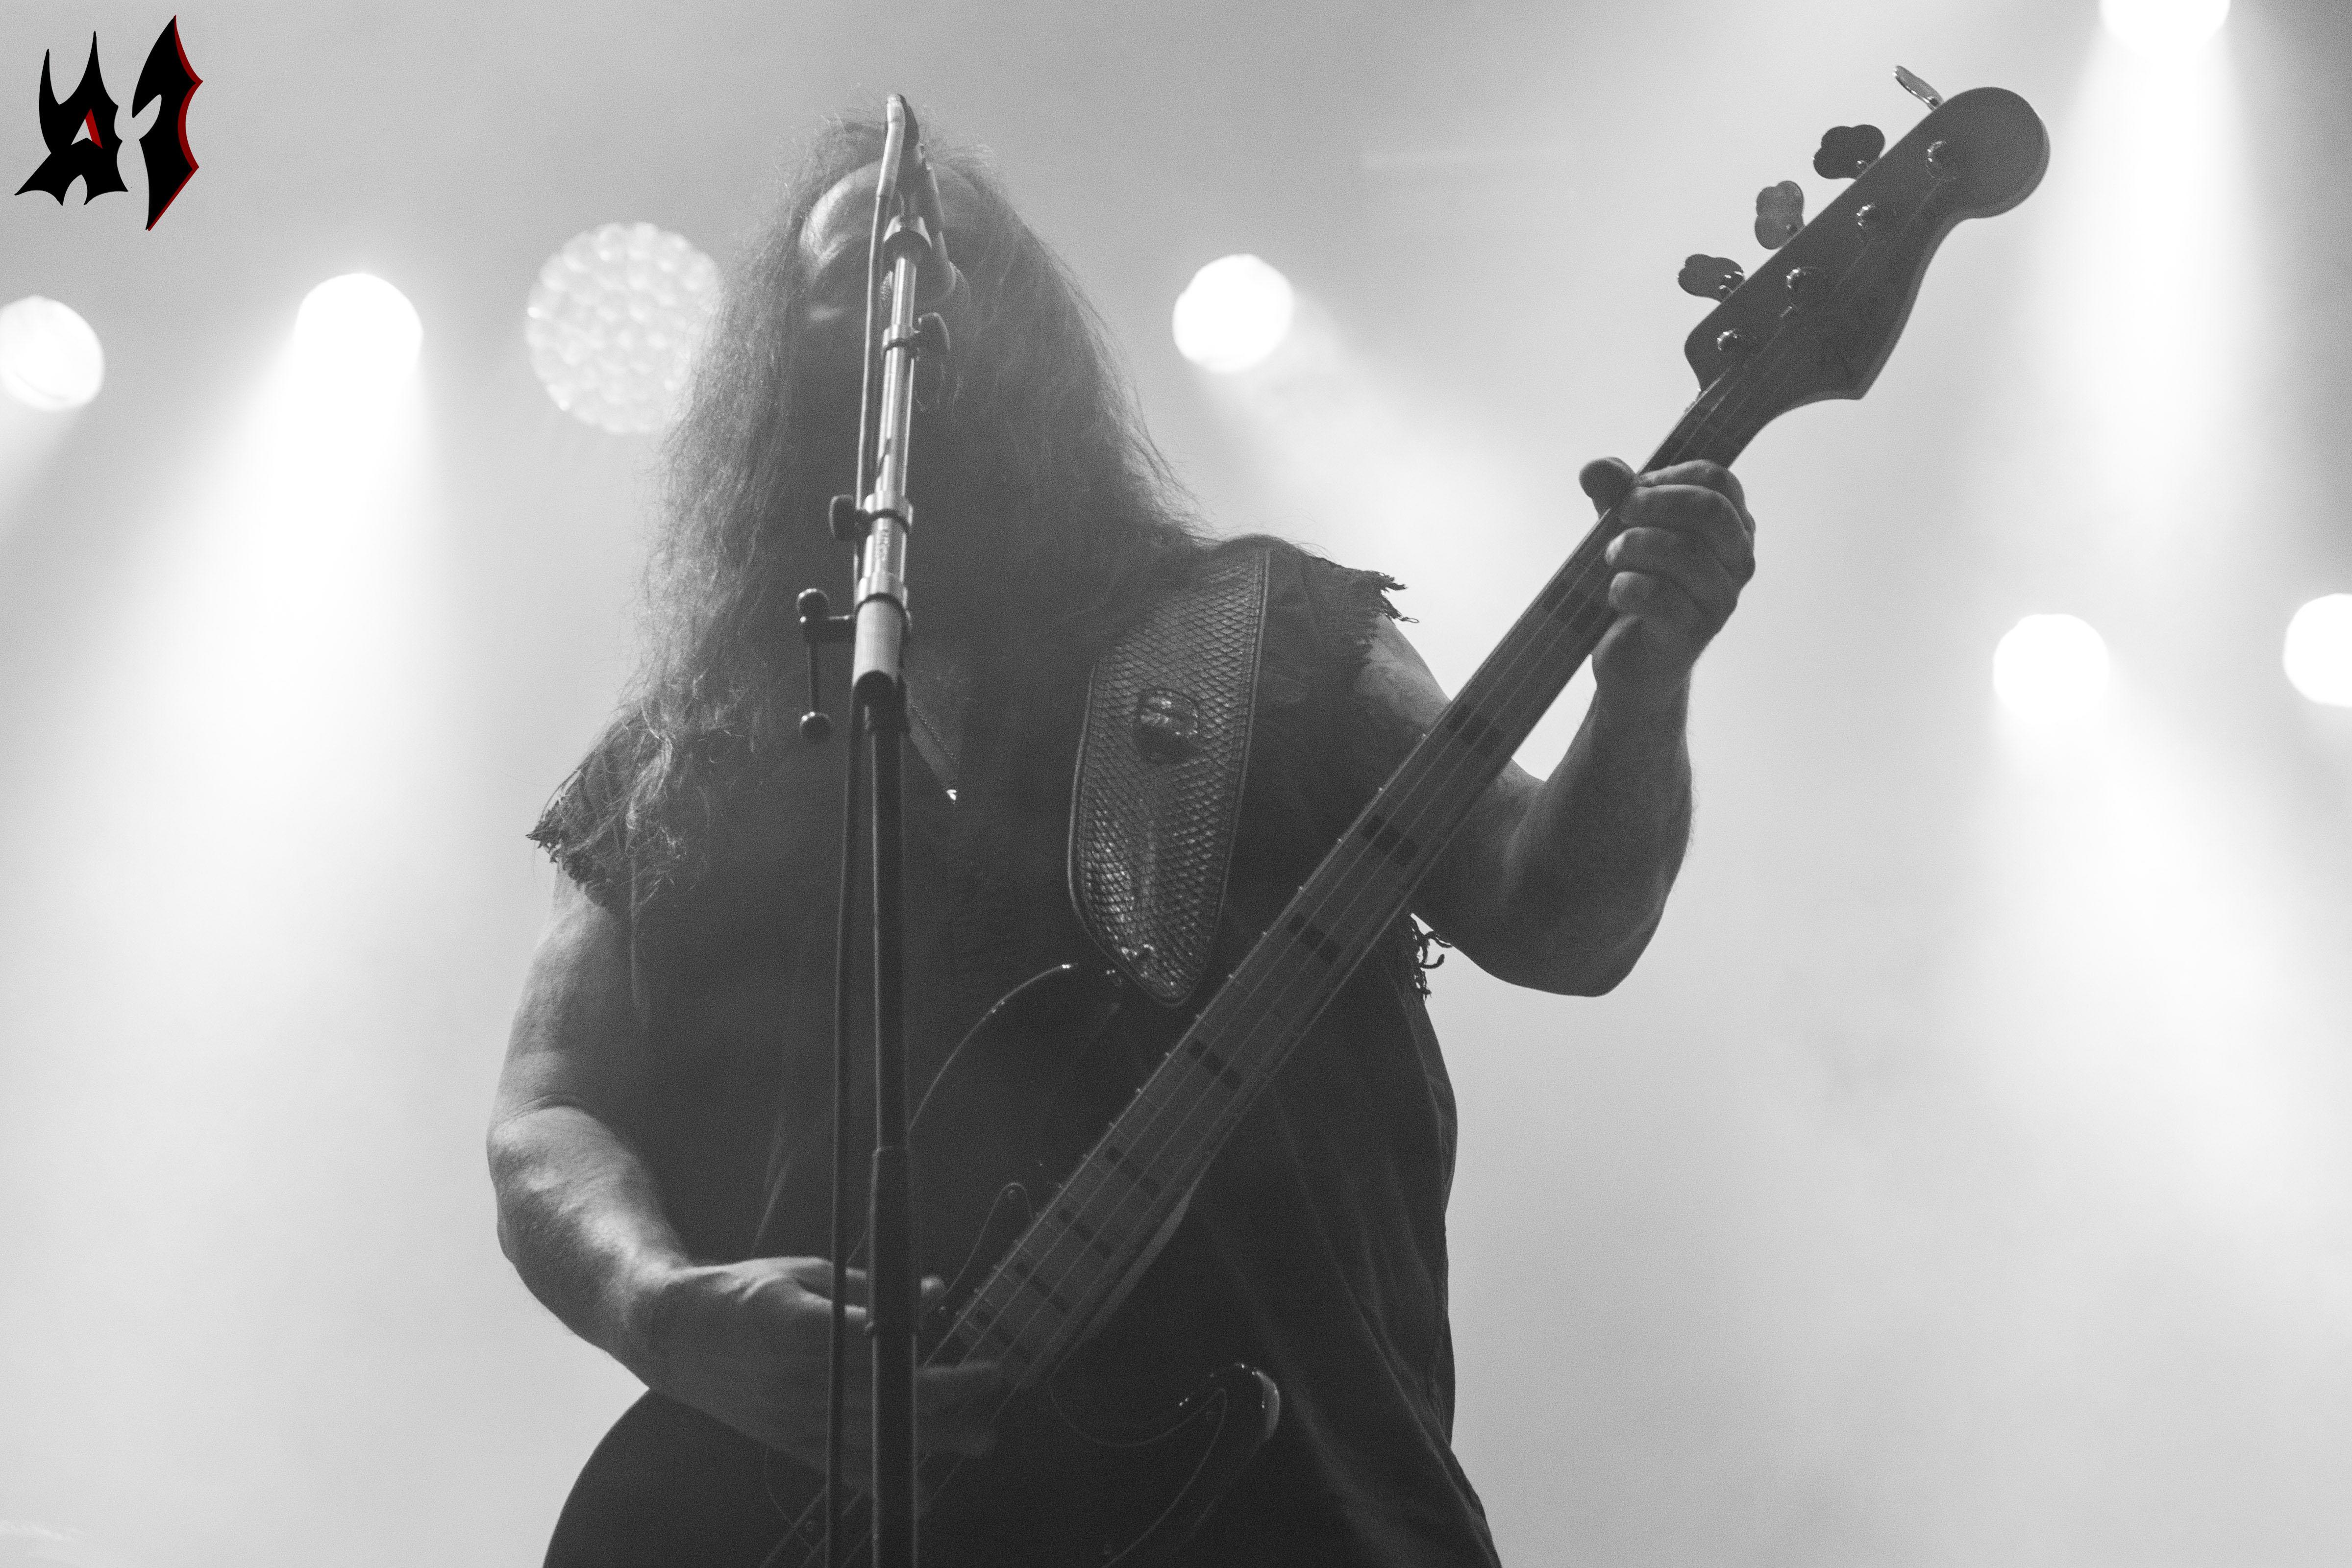 Hellfest - Deicide - 12